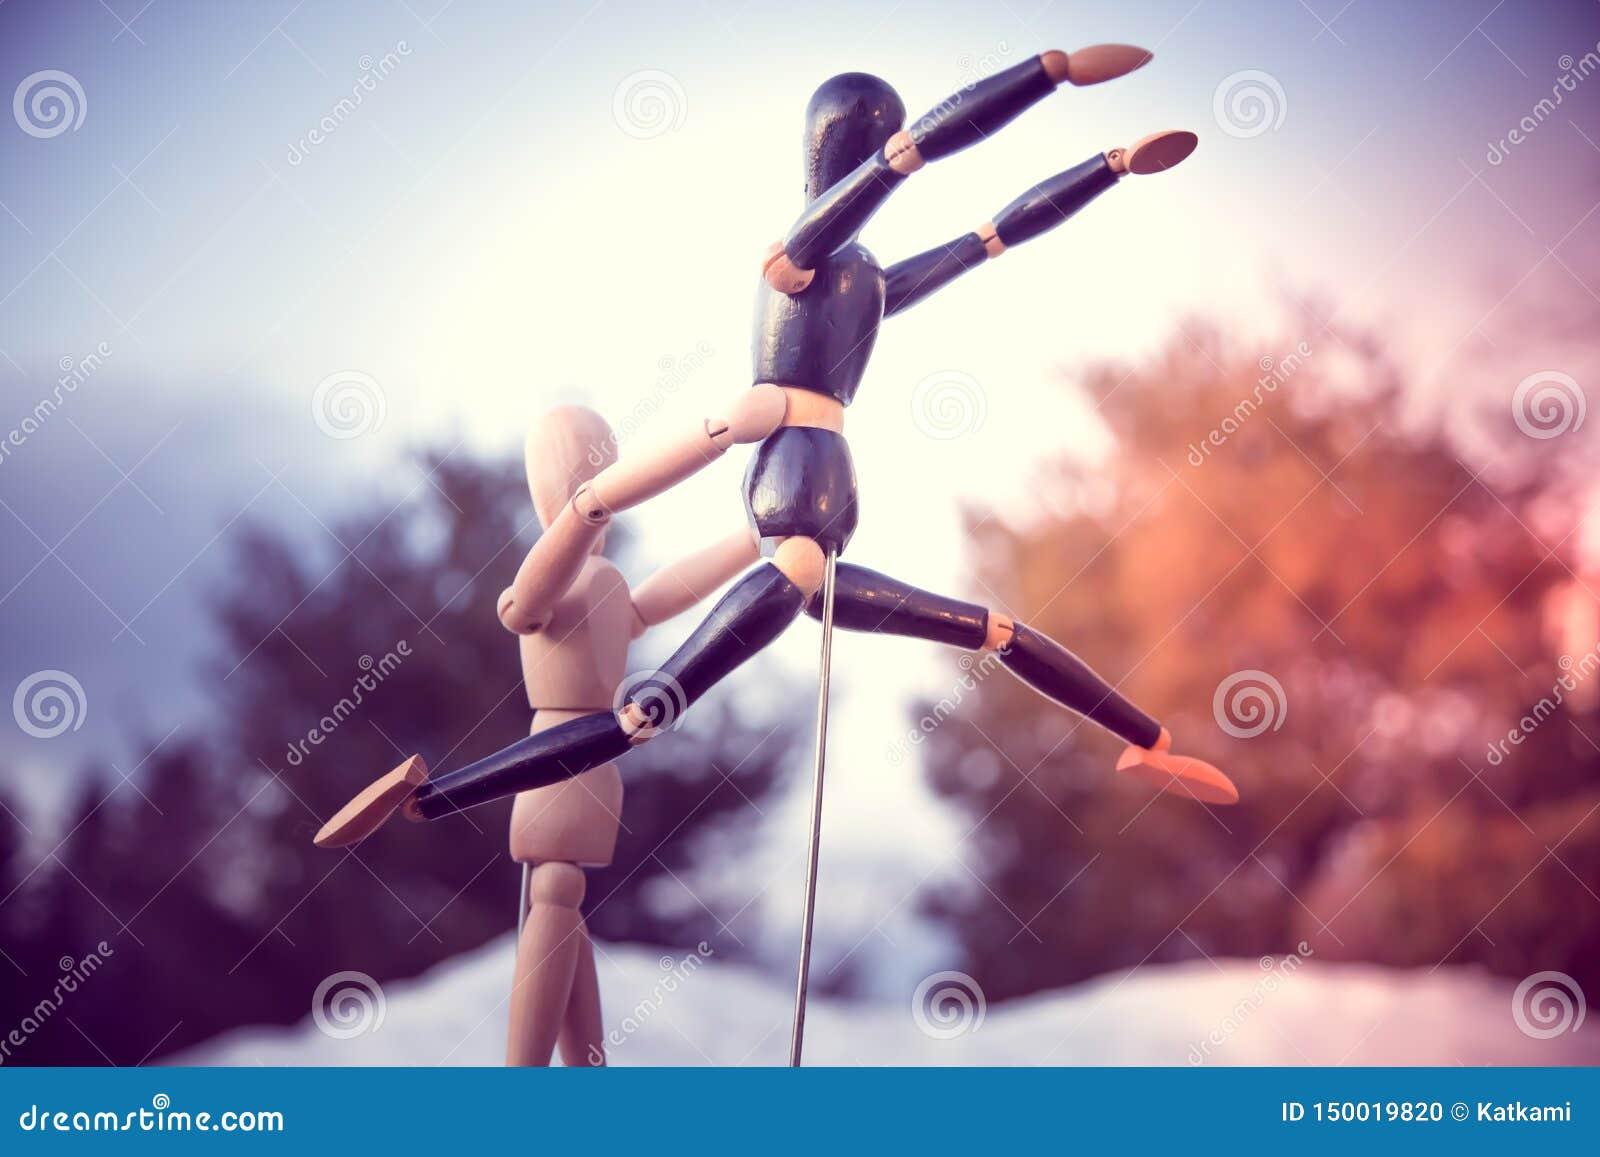 Mannequin en bois aidant l autre mannequin à sauter